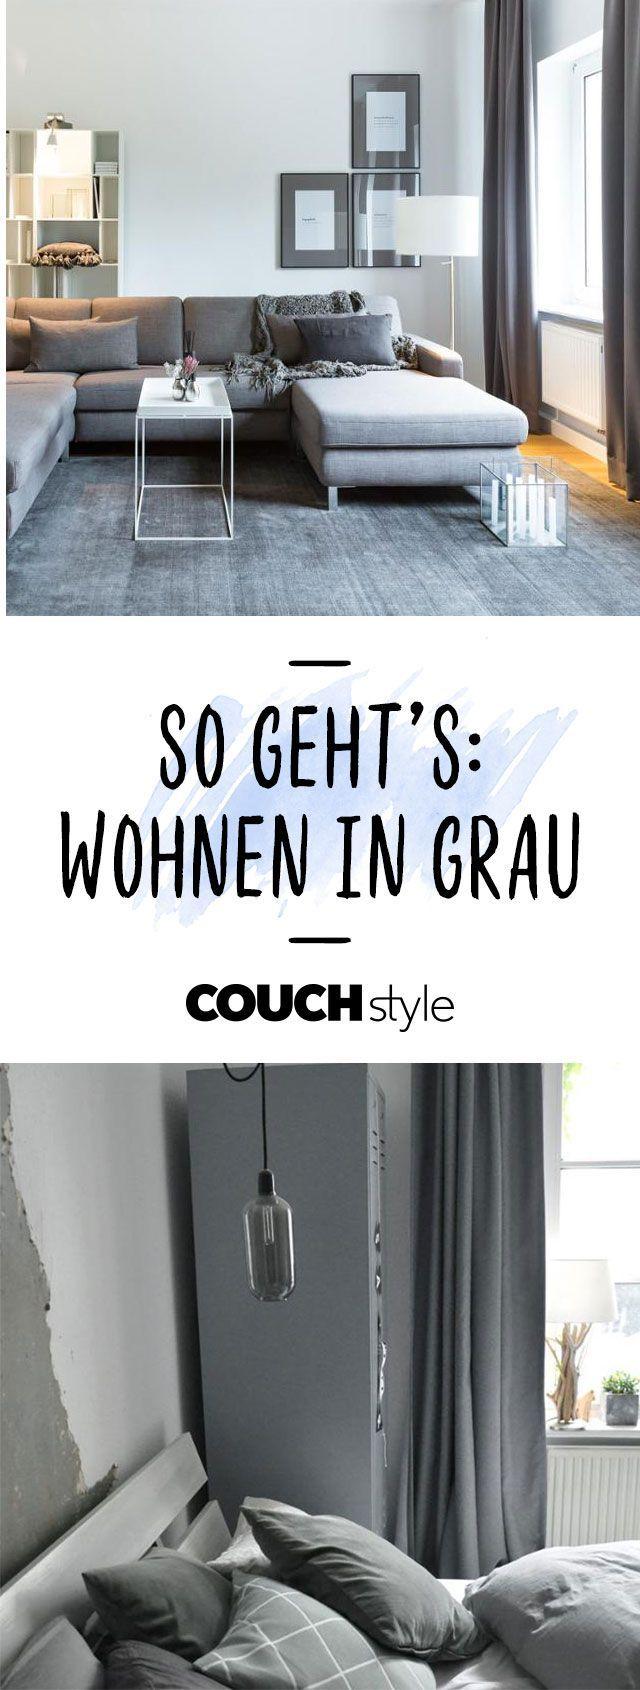 Grau • Bilder & Ideen